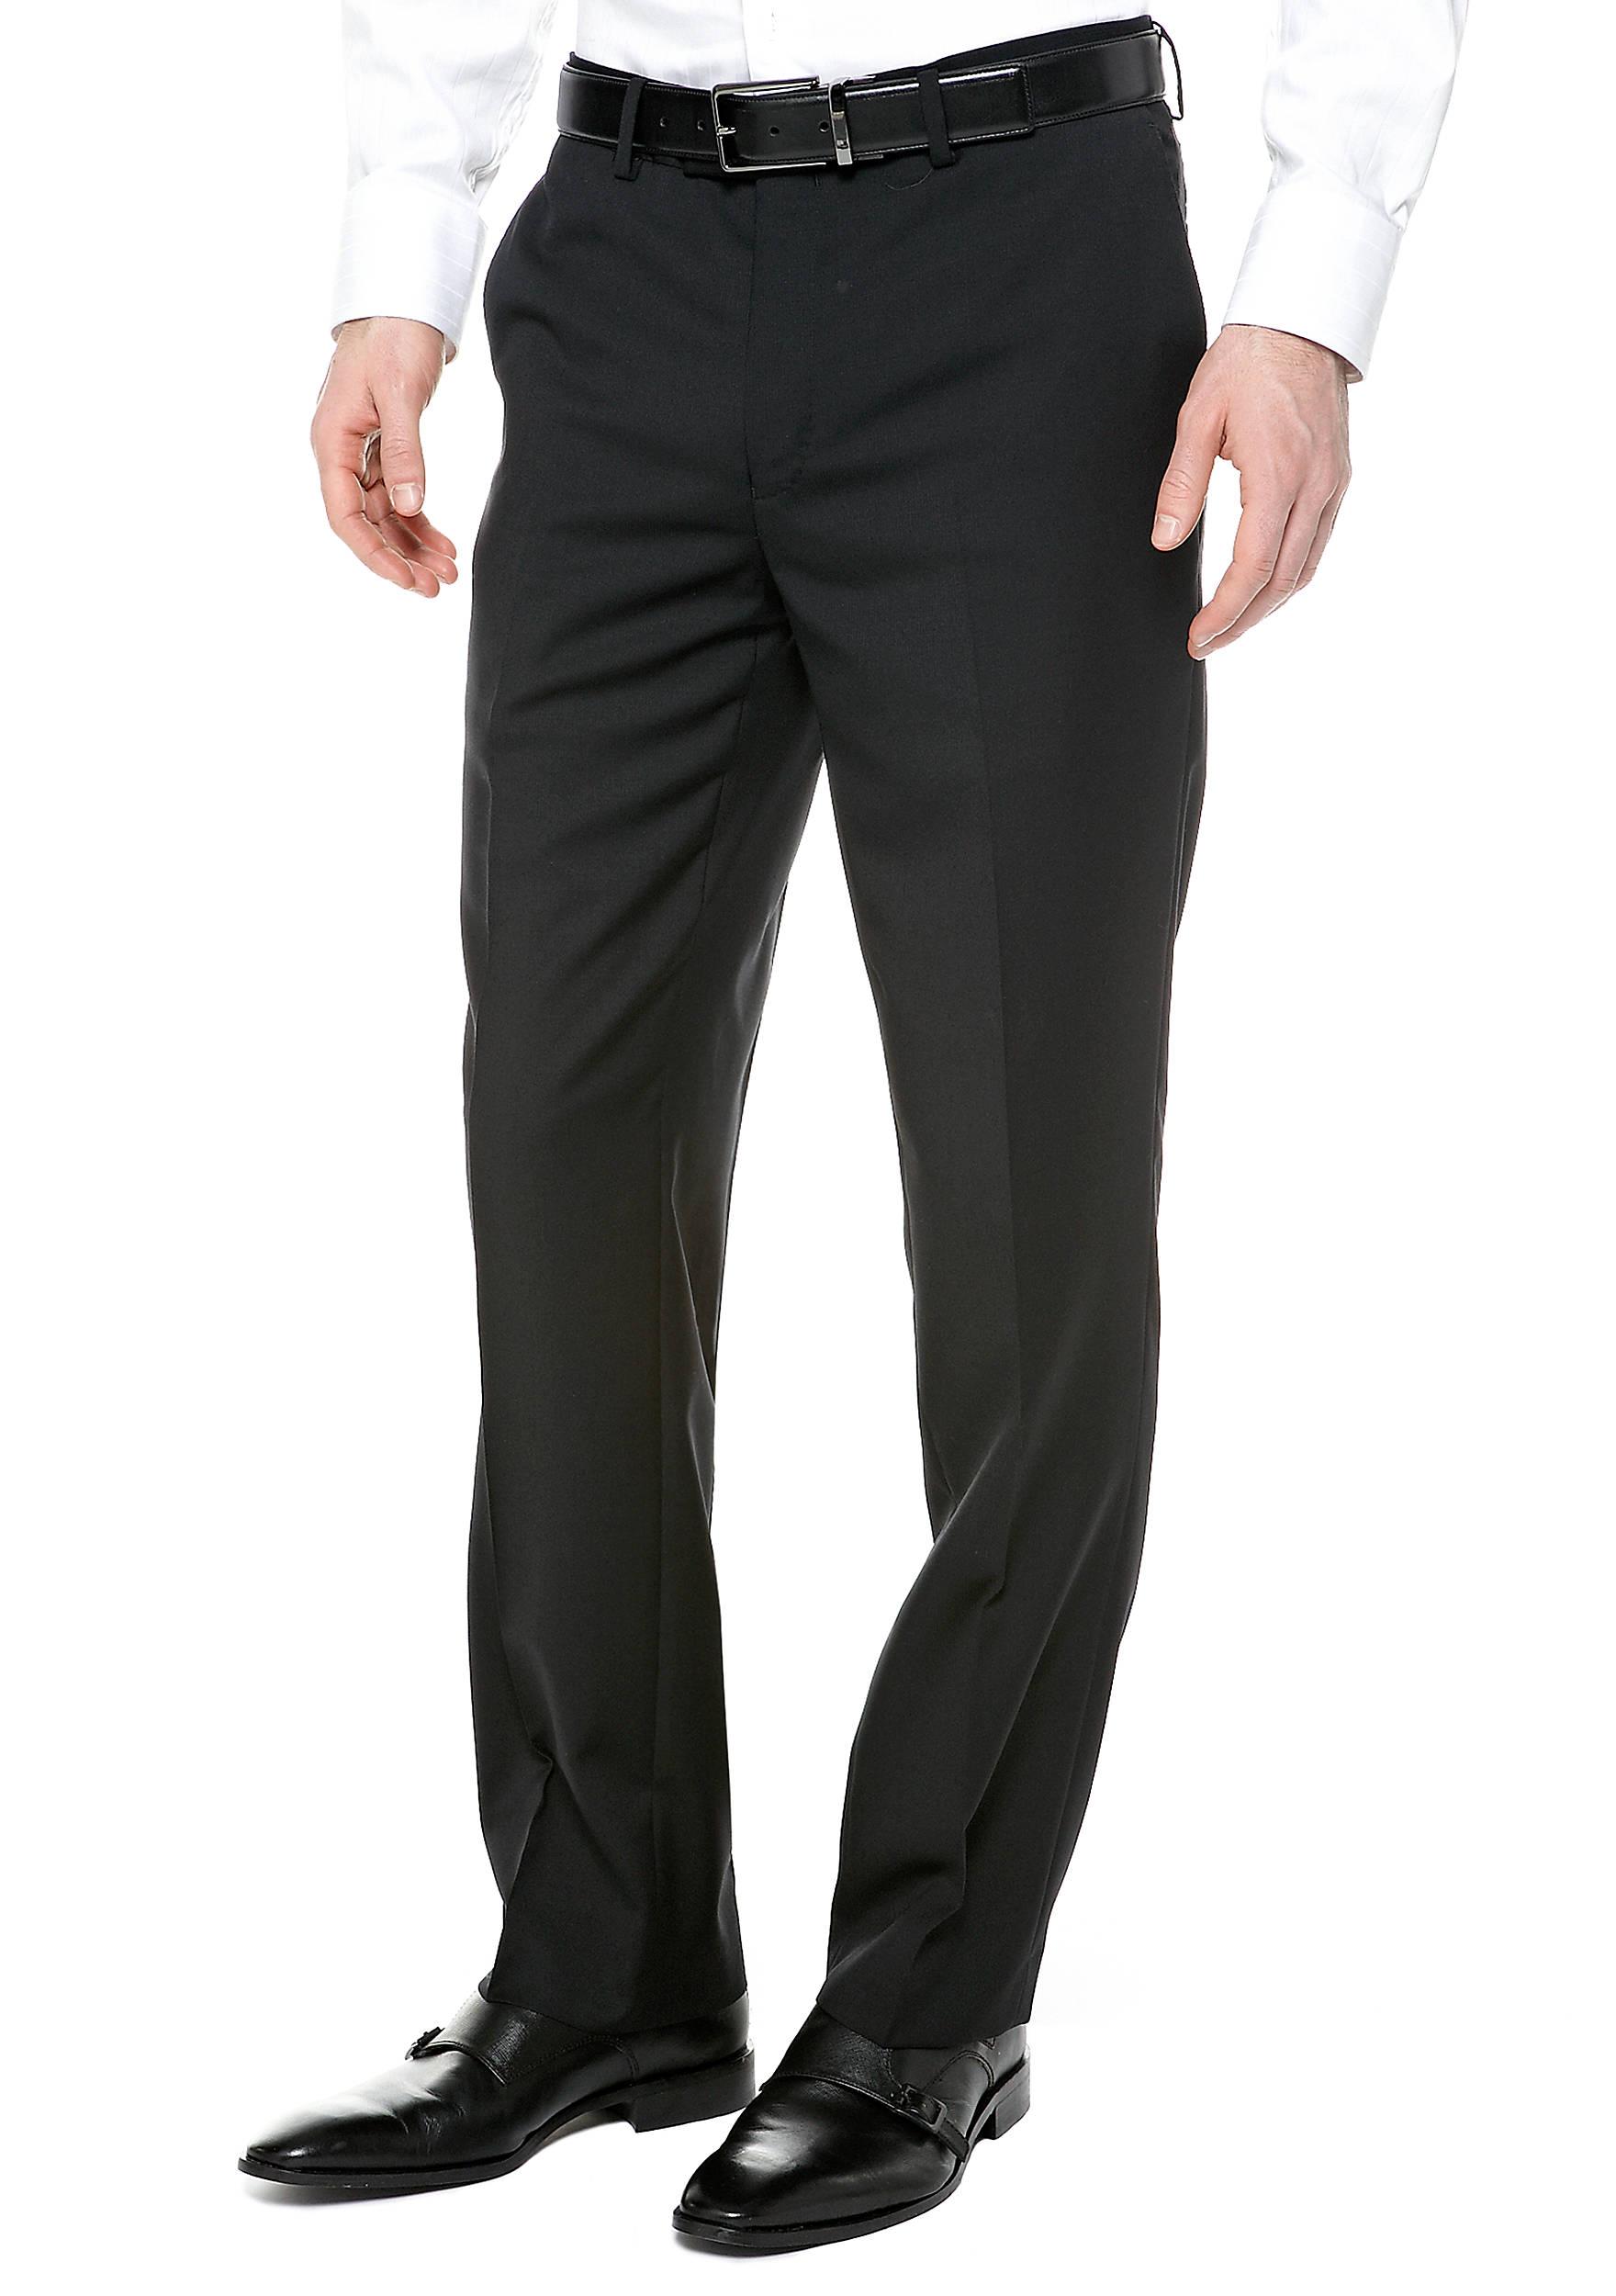 DKNY Slim Fit Black Suit Separate Pants | belk